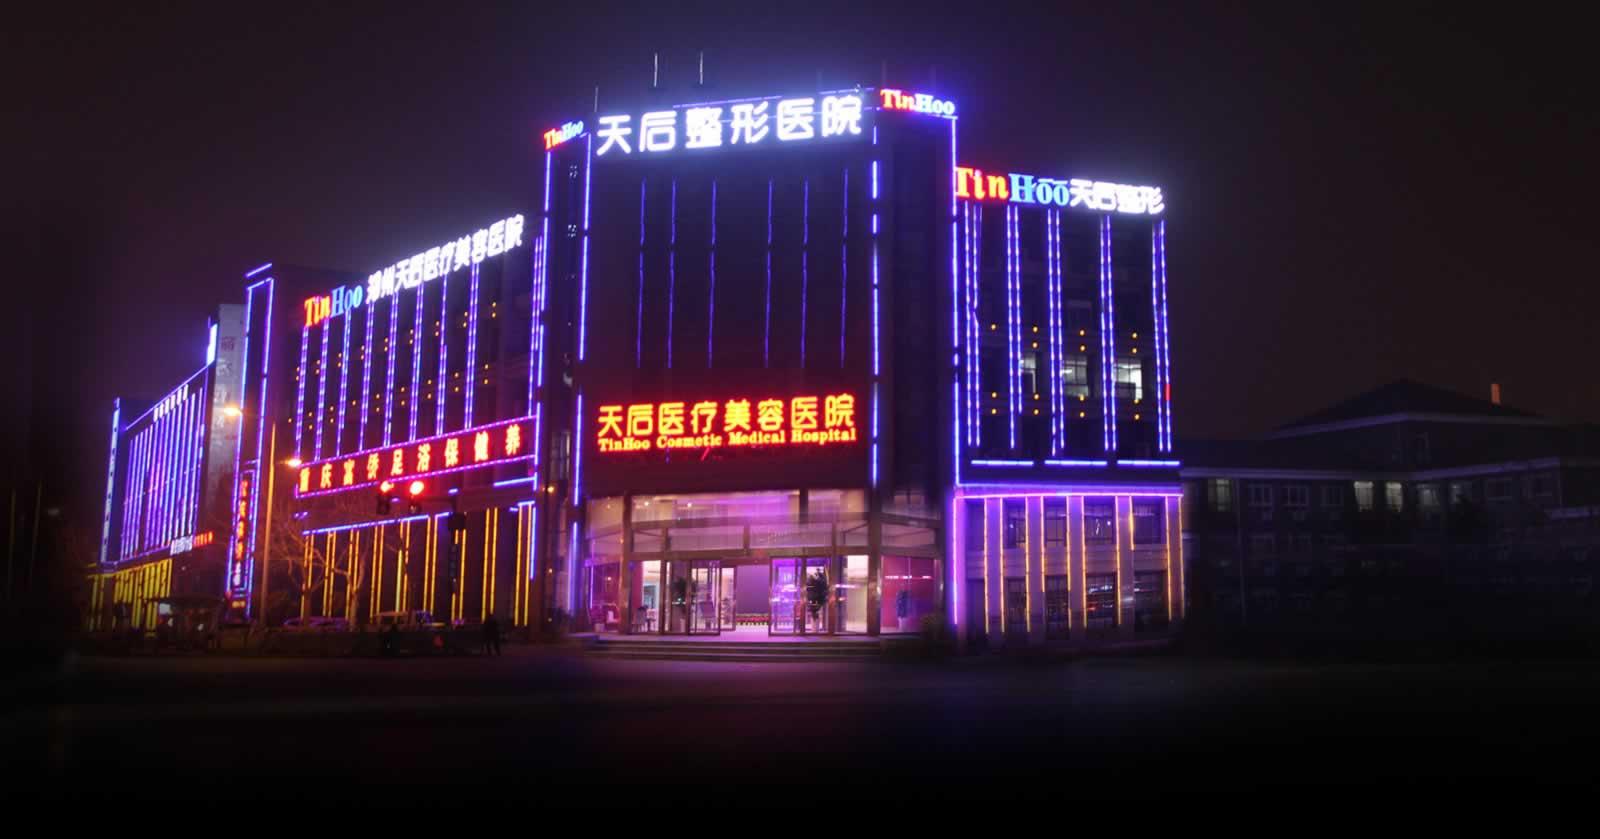 郑州天后医疗美容医院好吗地址哪条路?